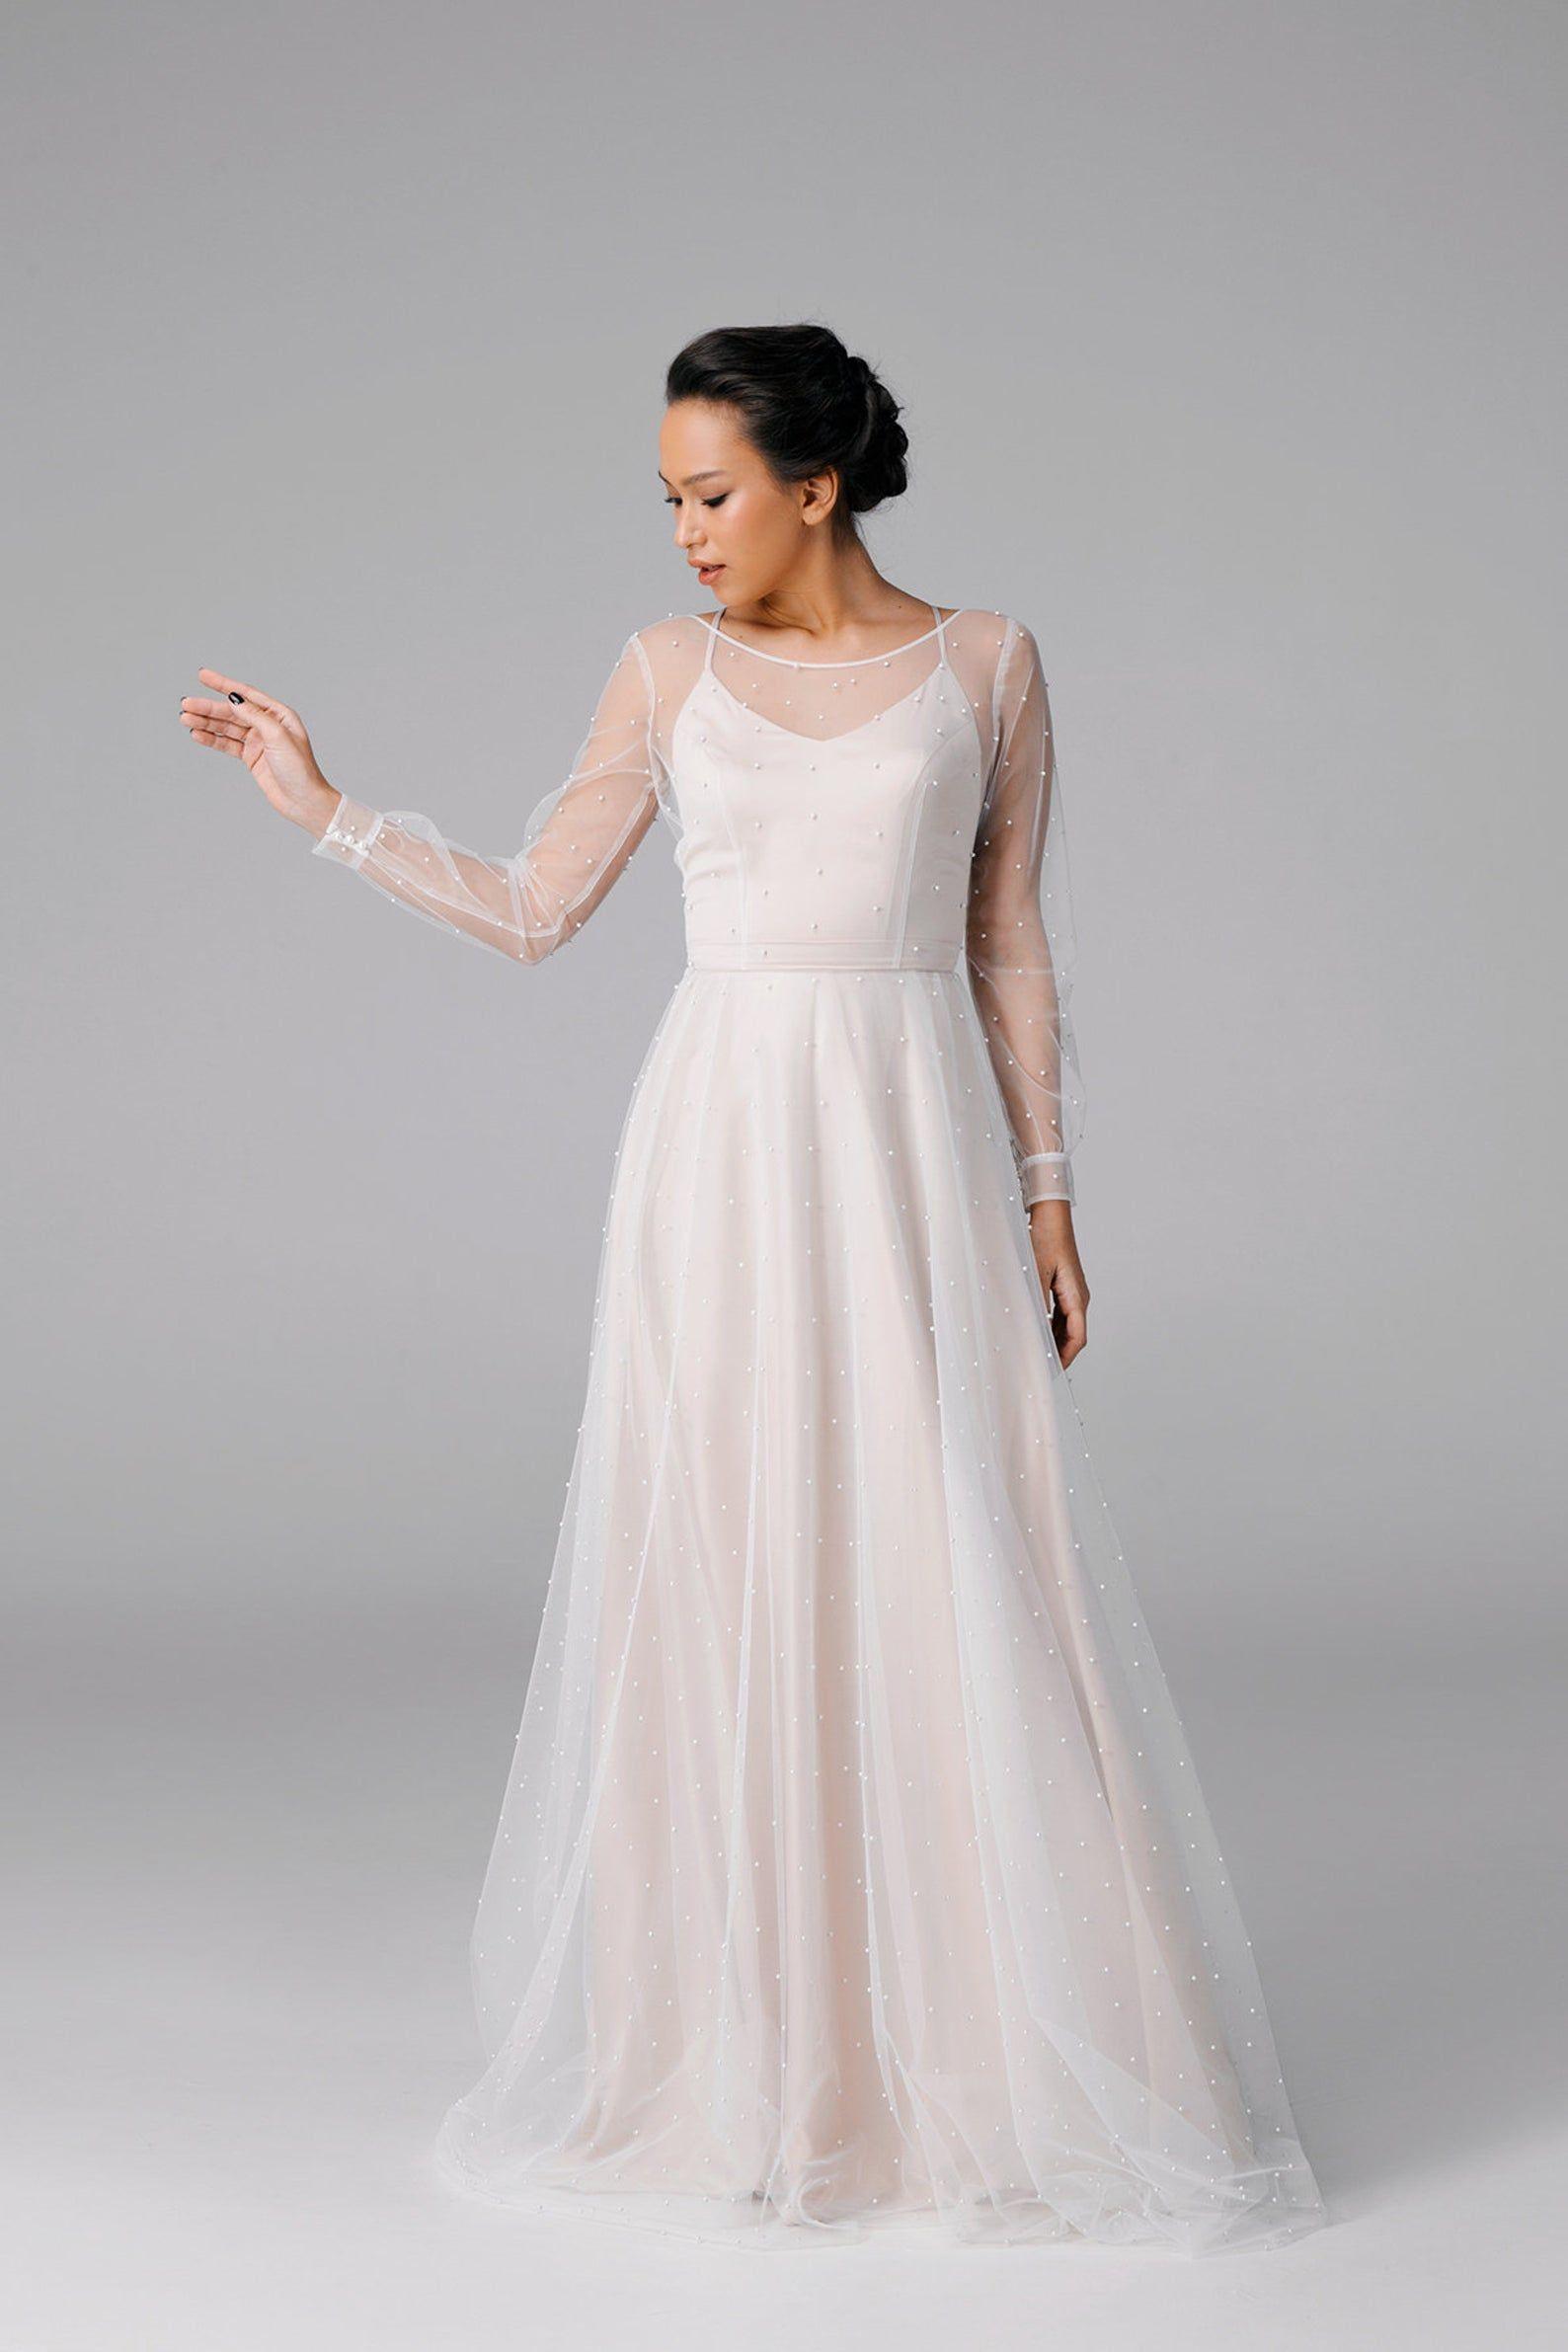 Alinie Einfaches Hochzeitskleid Langärmliges